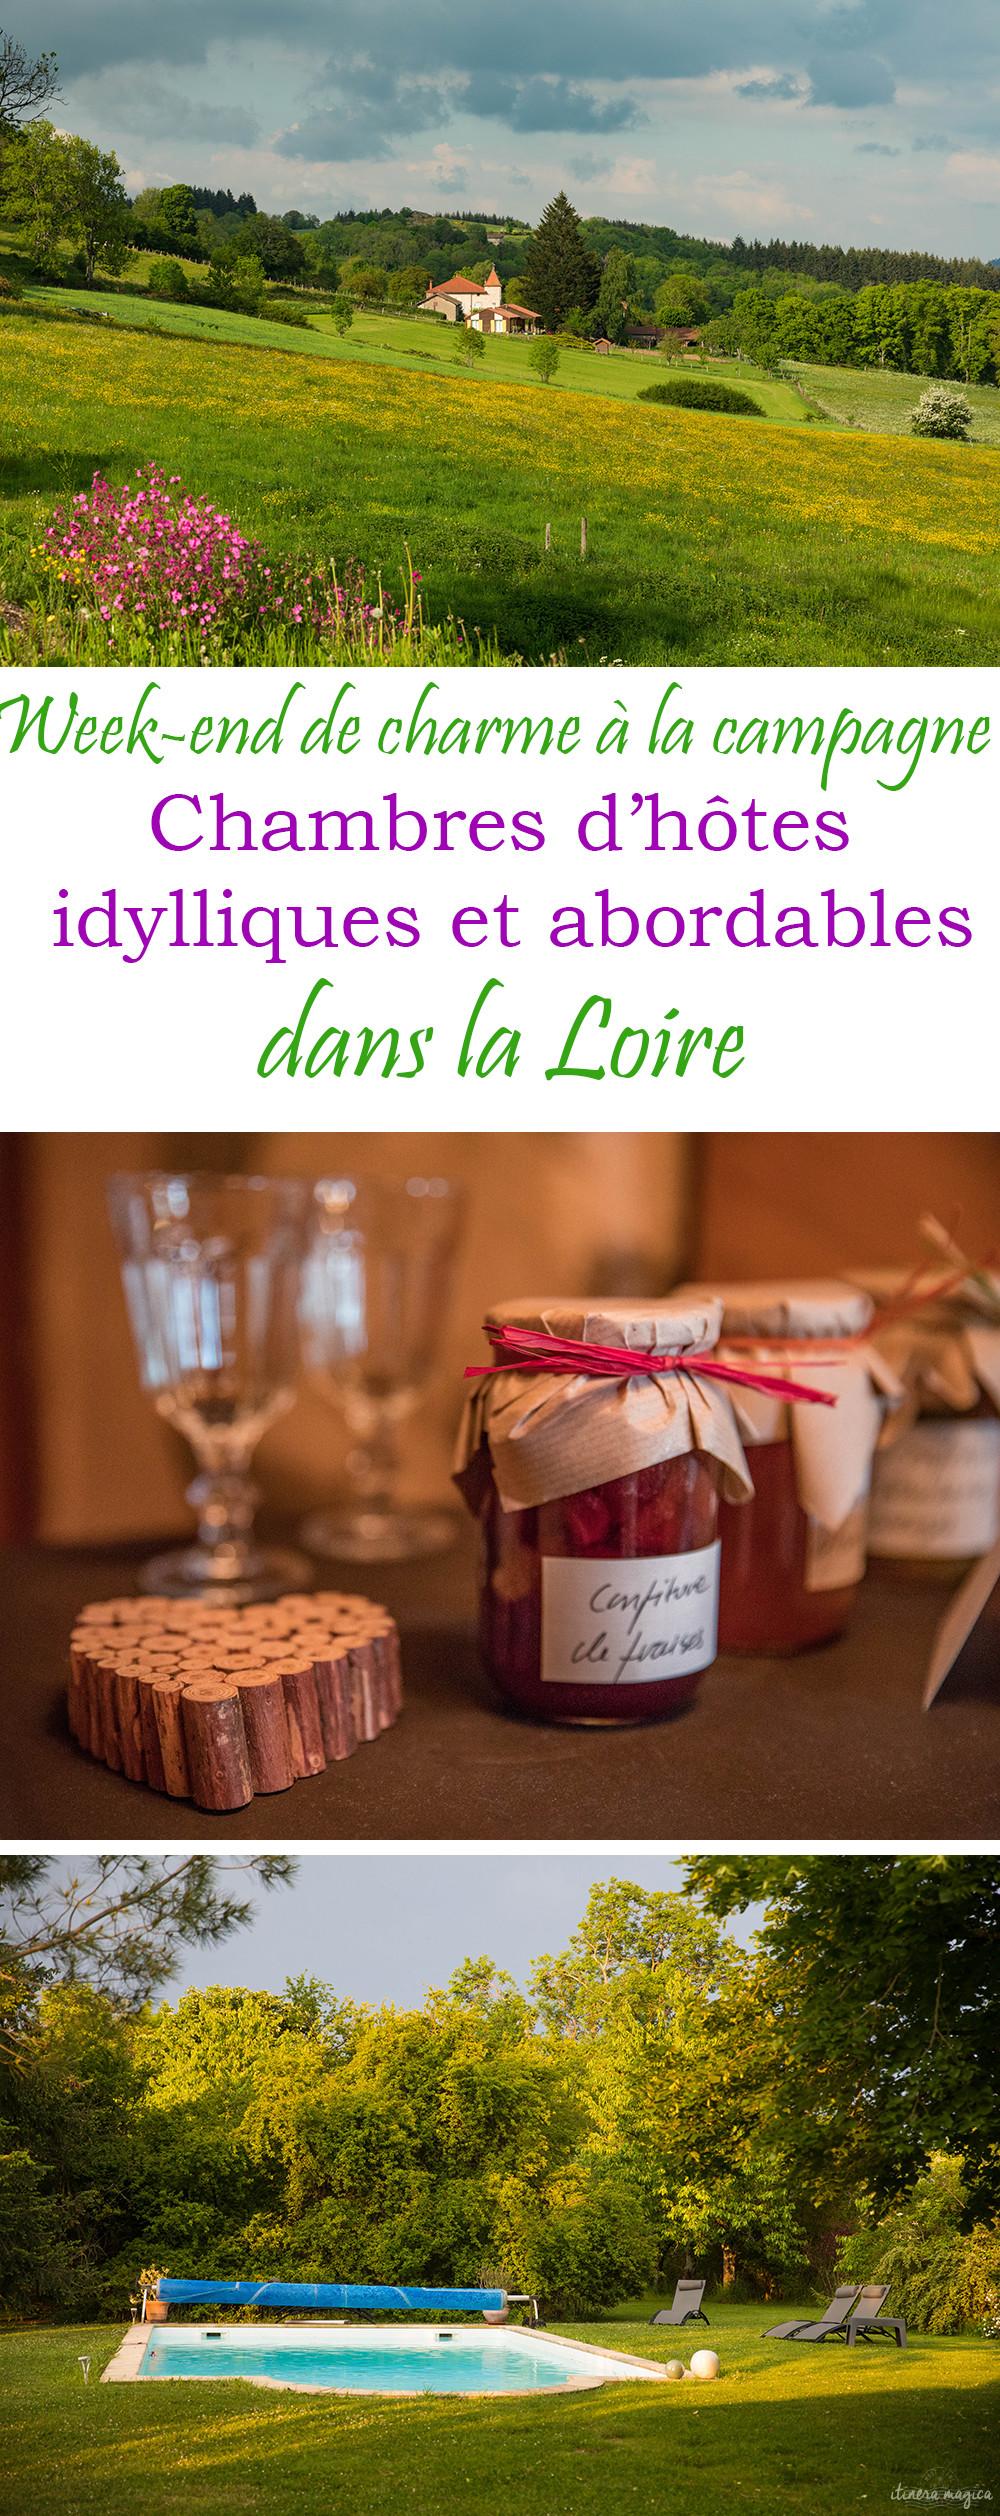 Un week end romantique dans la Loire, au sud de Lyon ? Voici une sélection de chambres d'hôtes abordables et idylliques. #loire #france